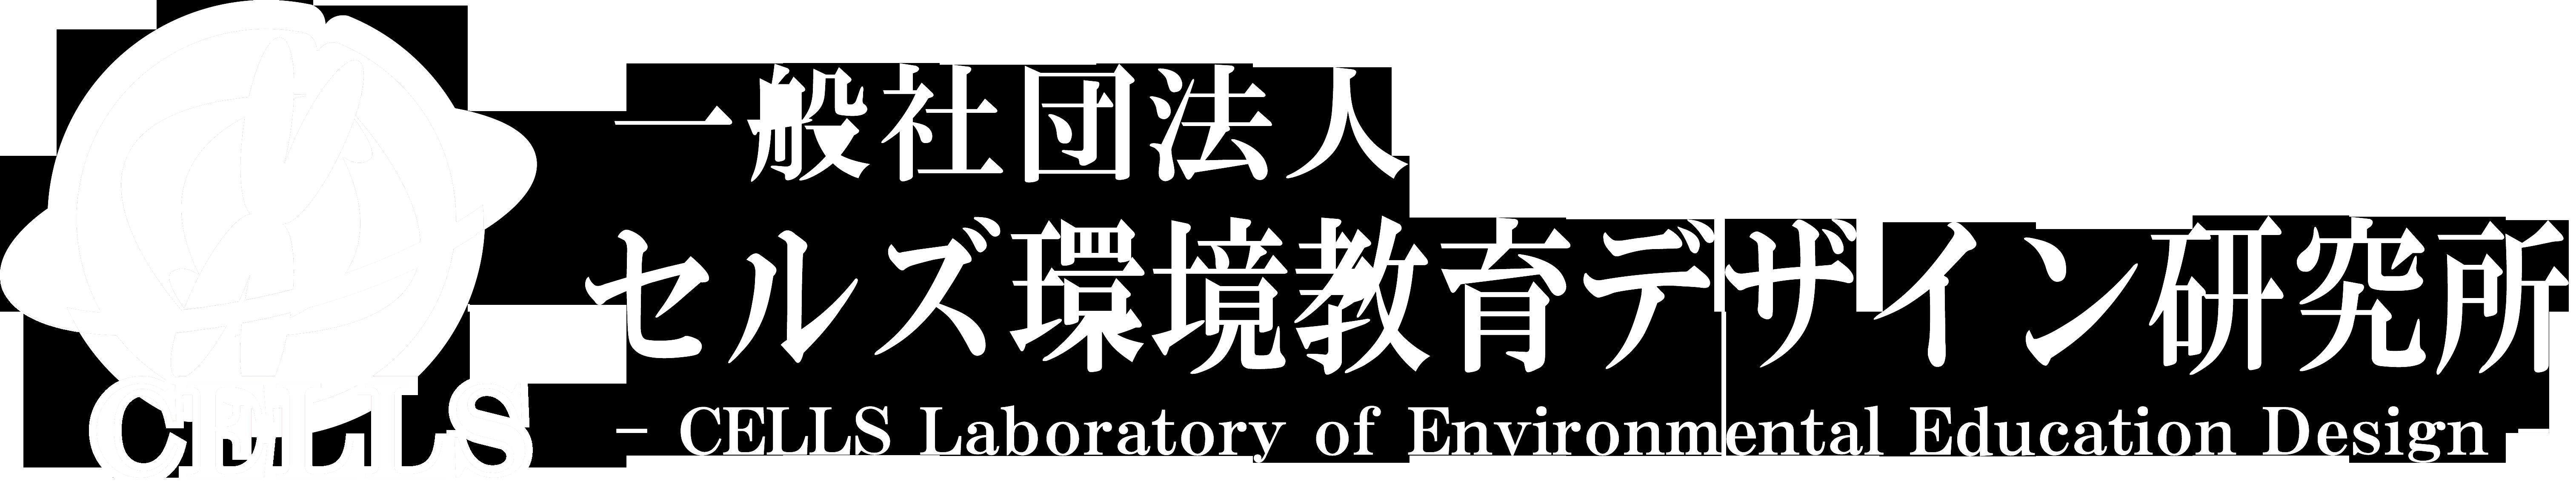 一般社団法人 セルズ環境教育デザイン研究所